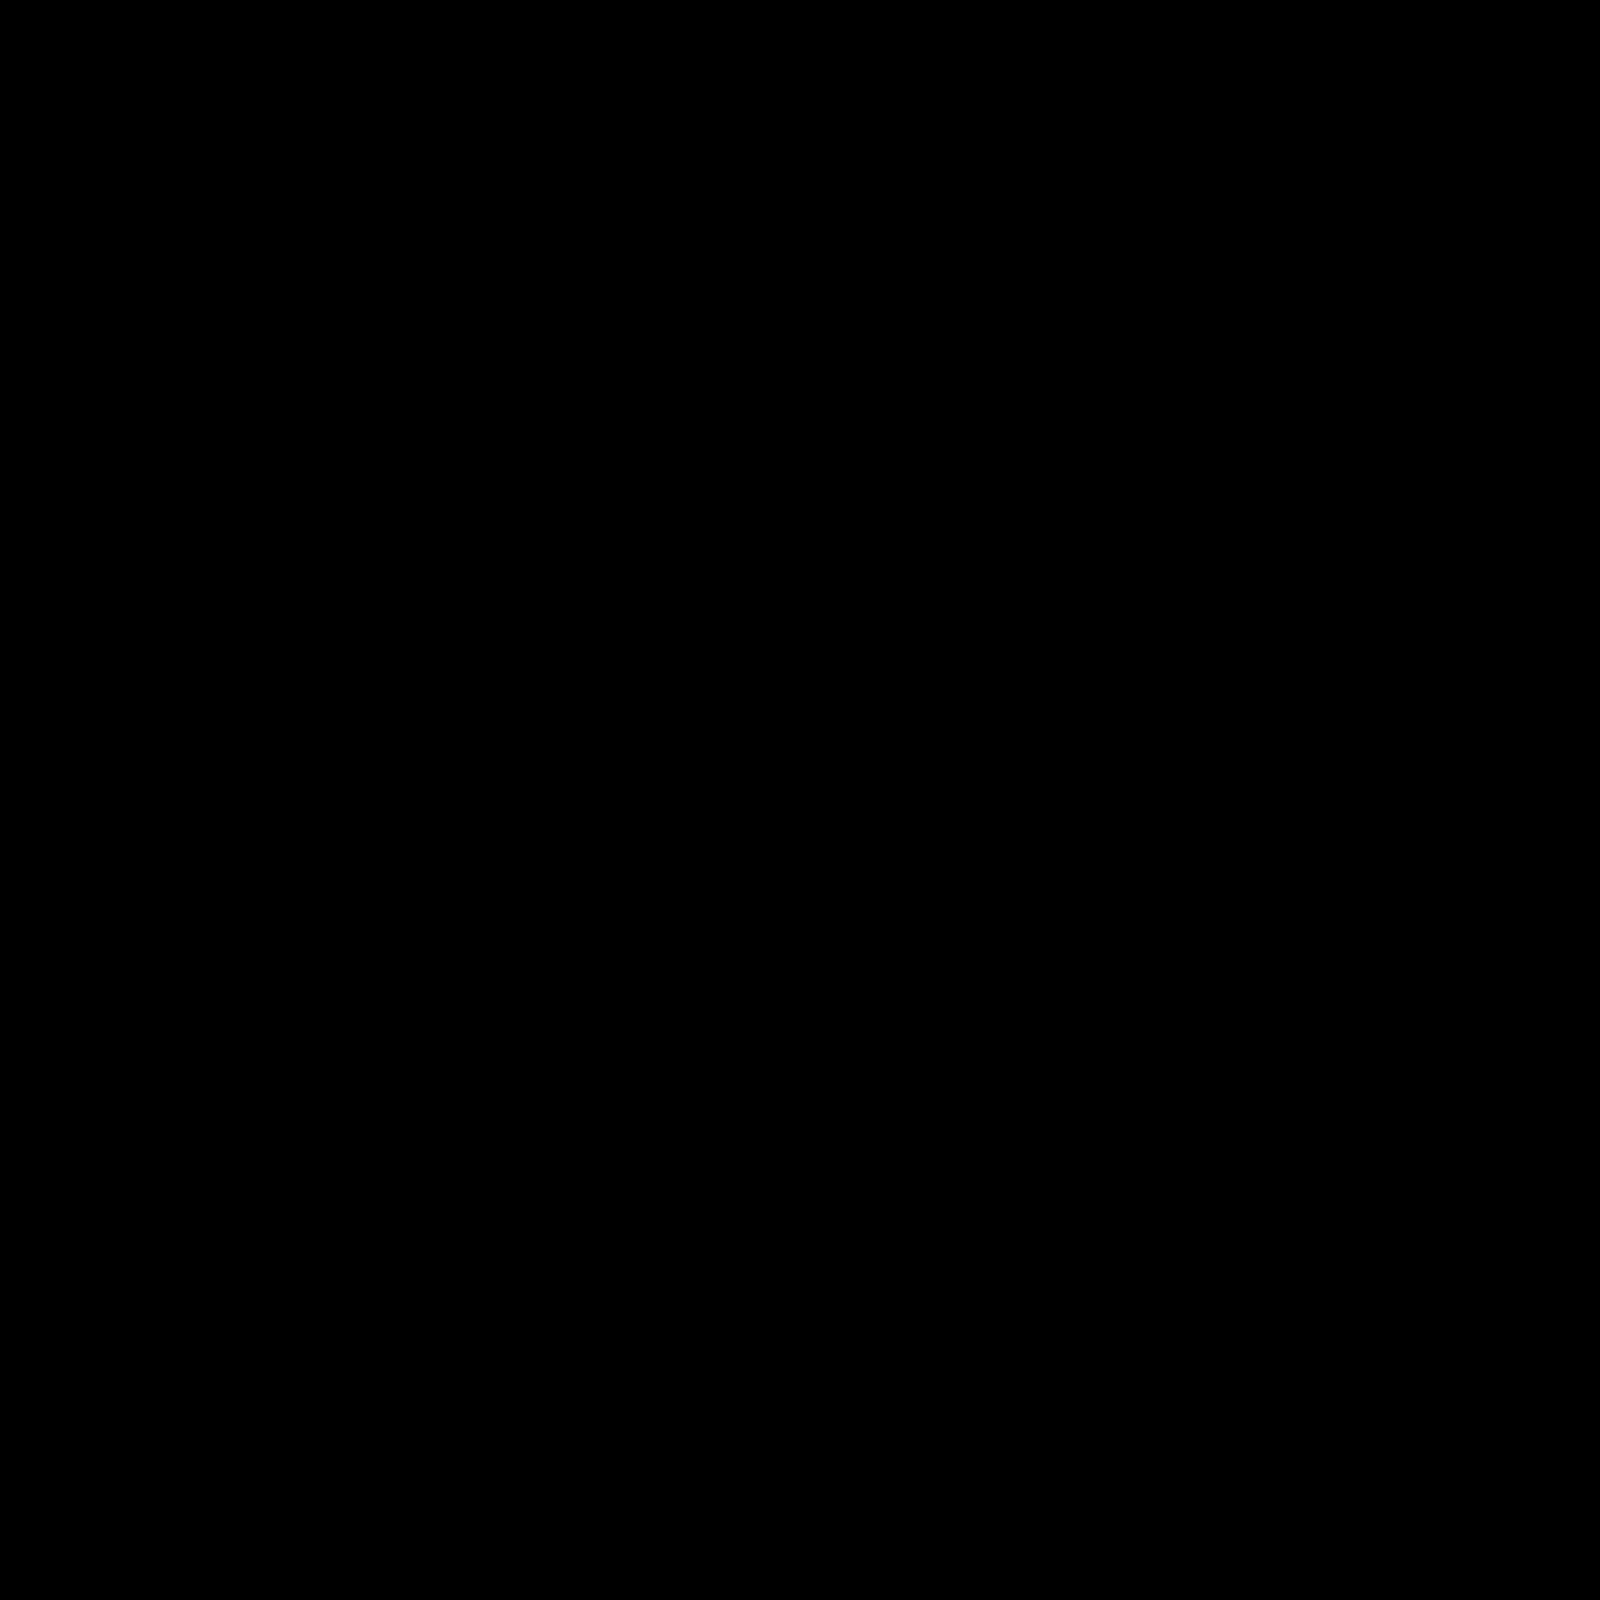 望遠鏡 アイコン 無料ダウンロード png およびベクター